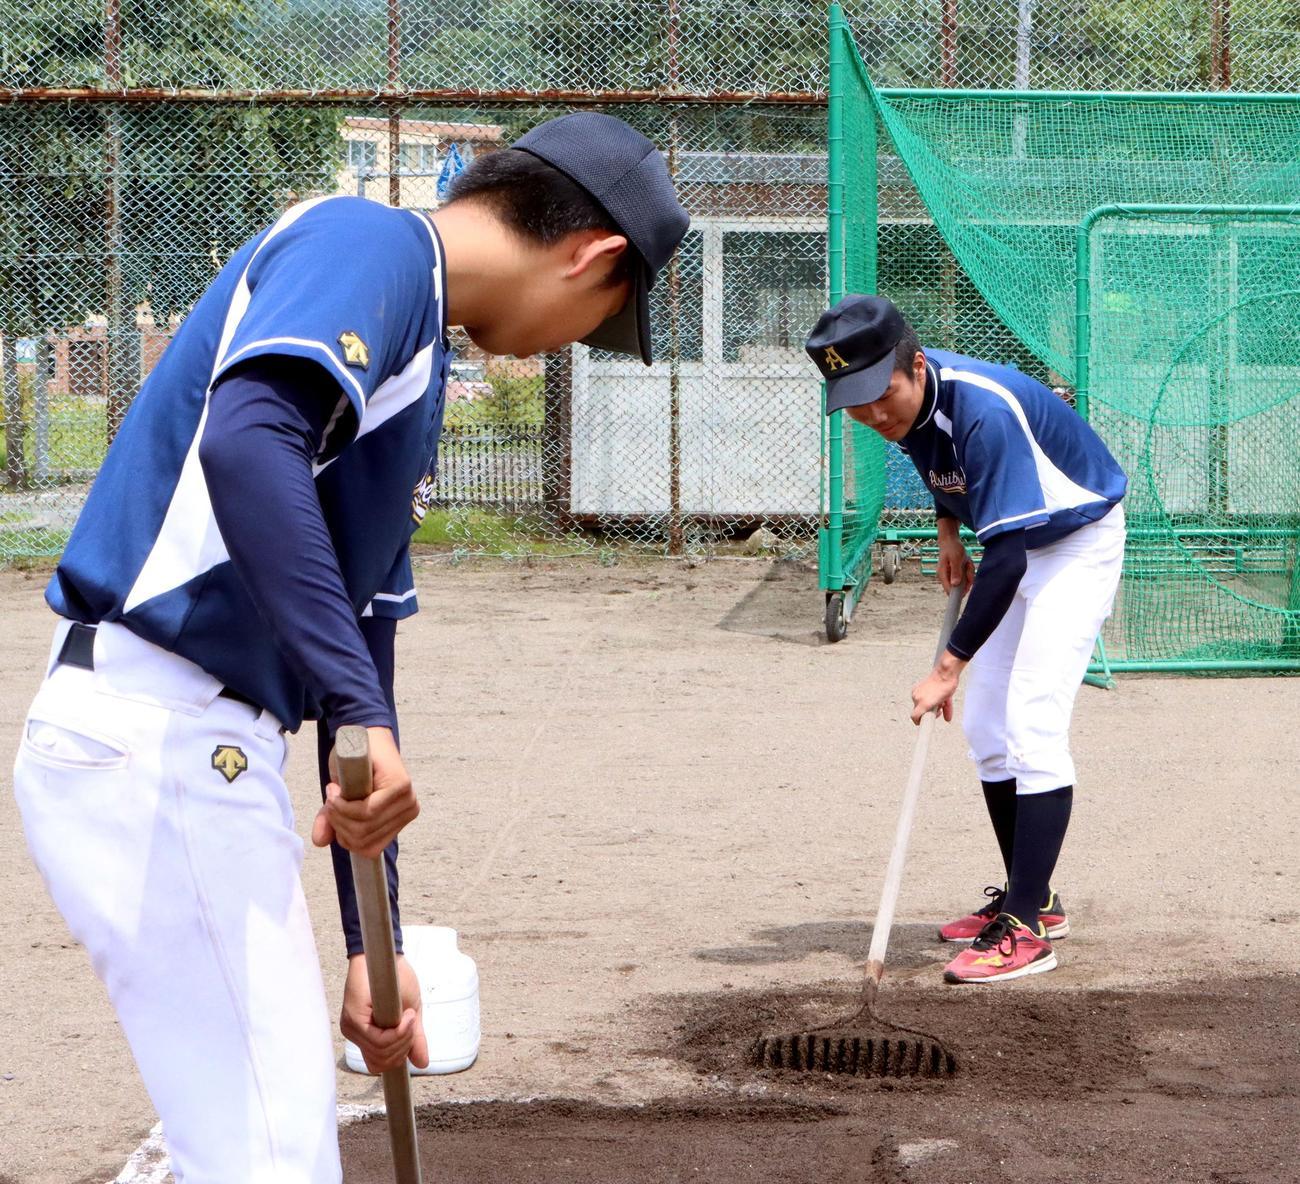 練習後、率先してグラウンド整備をする芦別の加藤(右)(撮影・永野高輔)